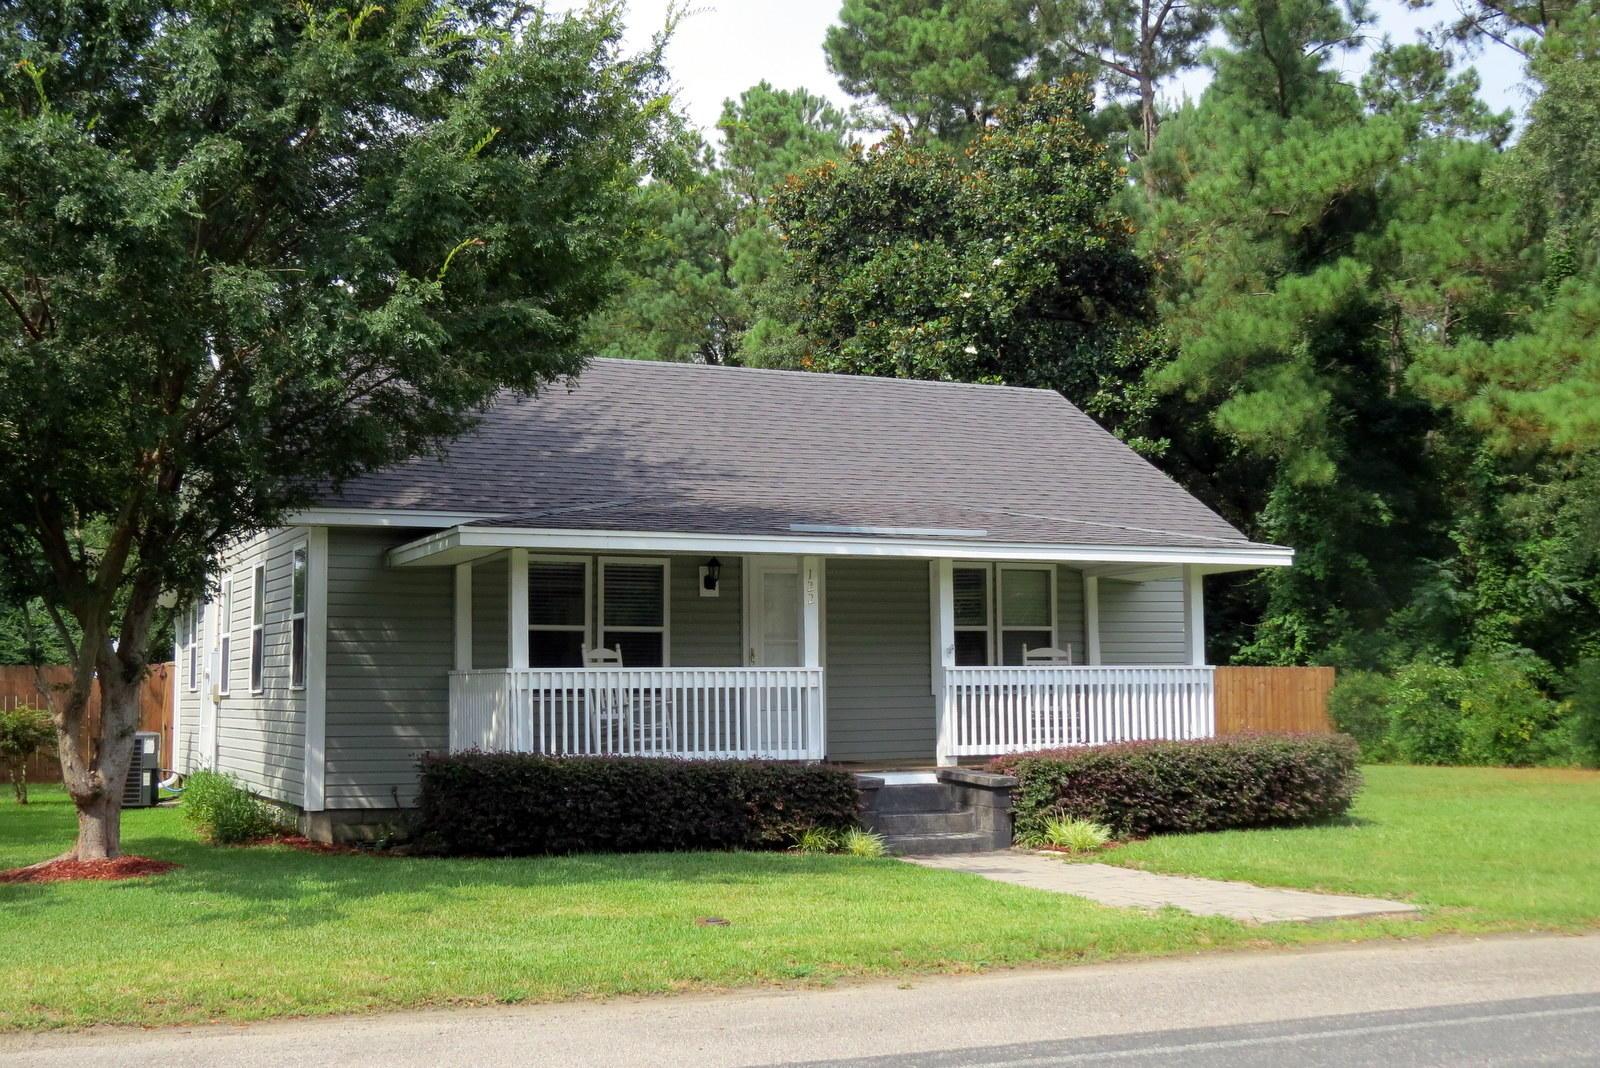 122 E Church Street Bonneau SC 29431, MLS# 18020385